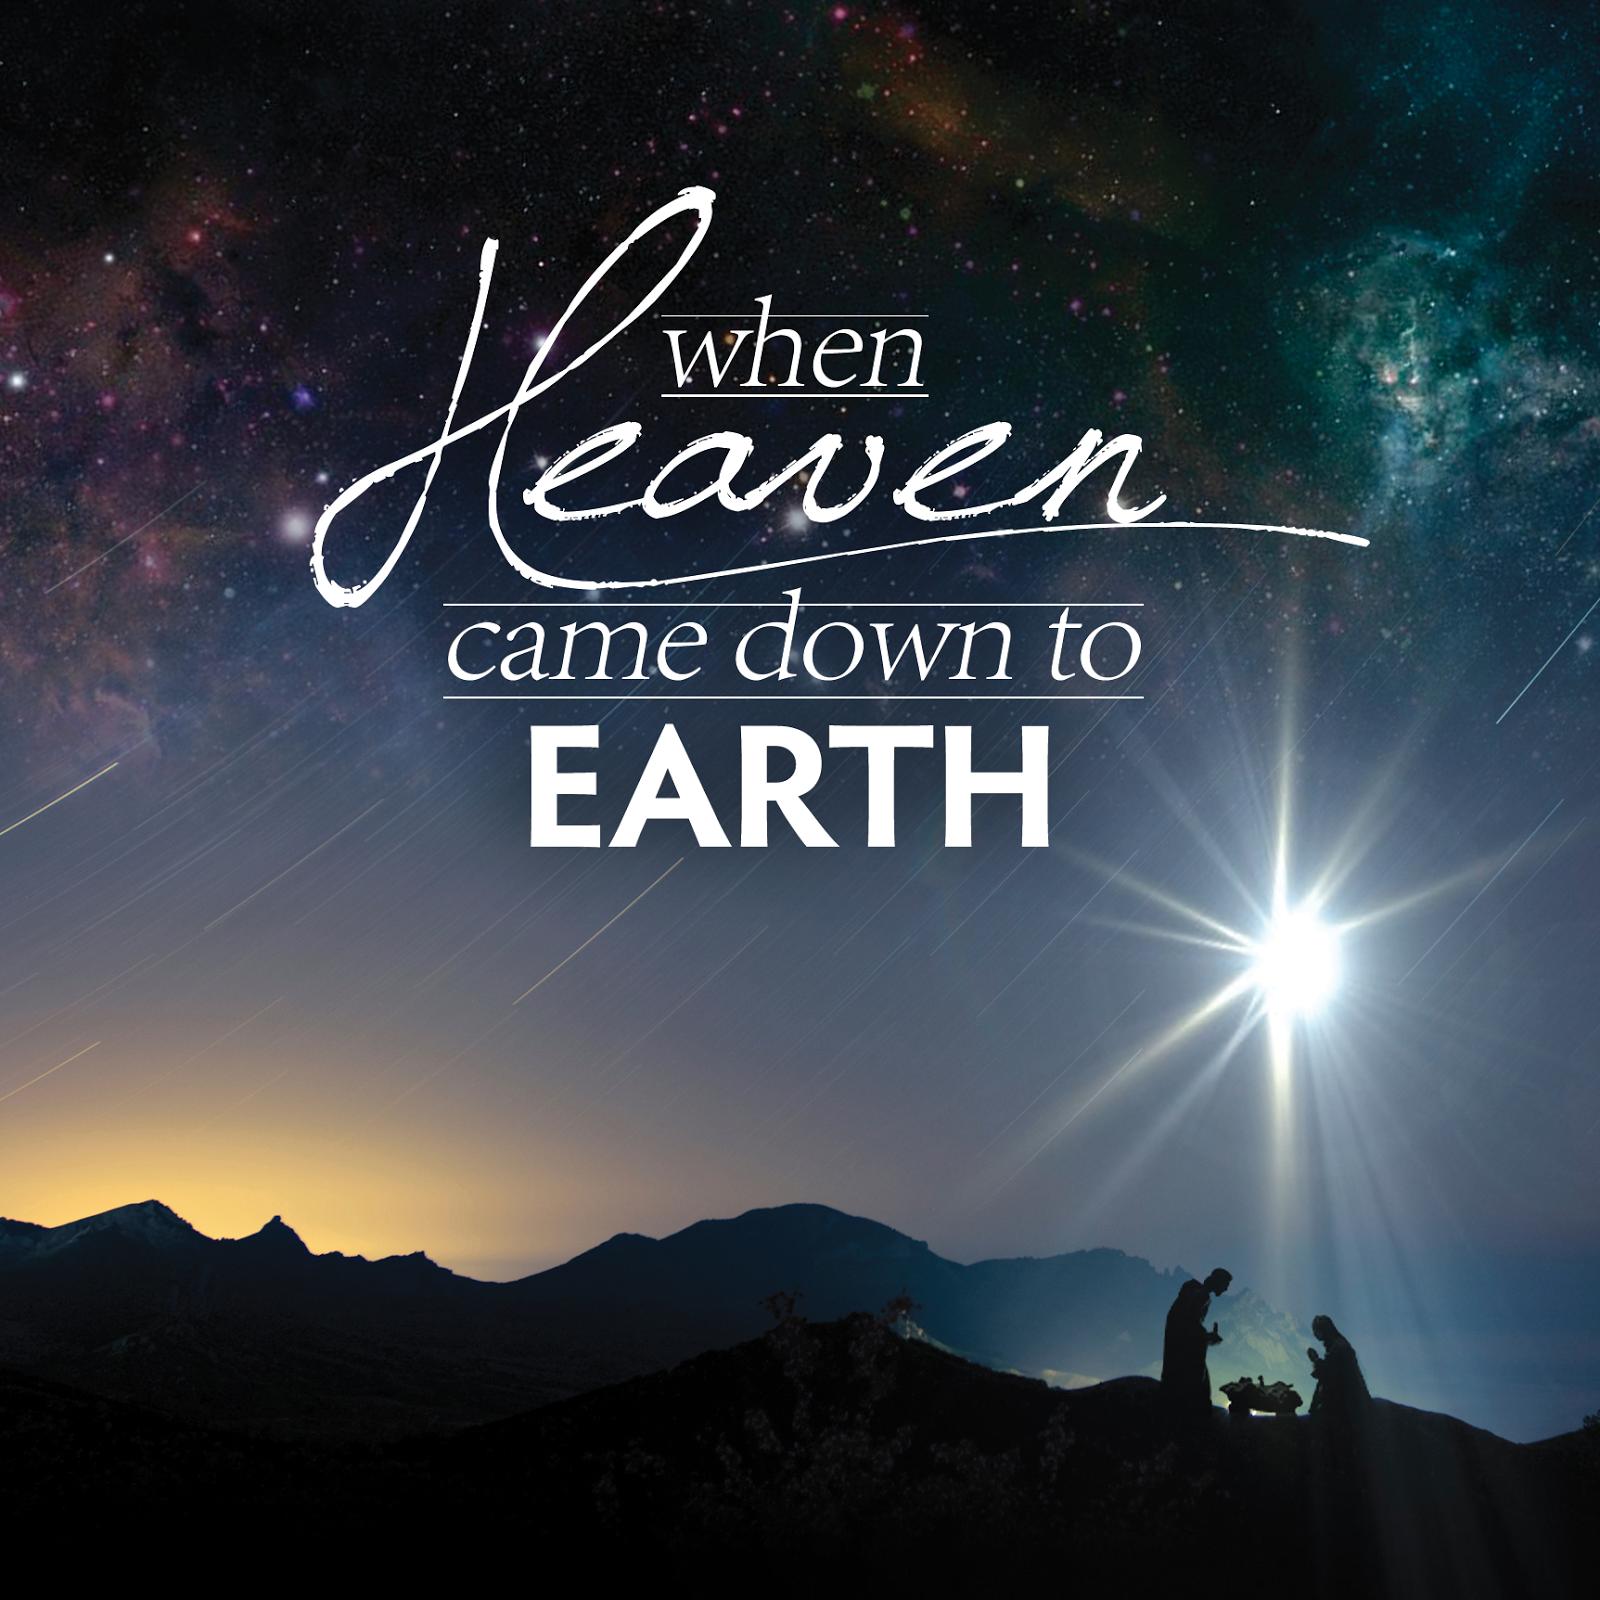 Sending Heaven to Earth | Salt and Light Blog